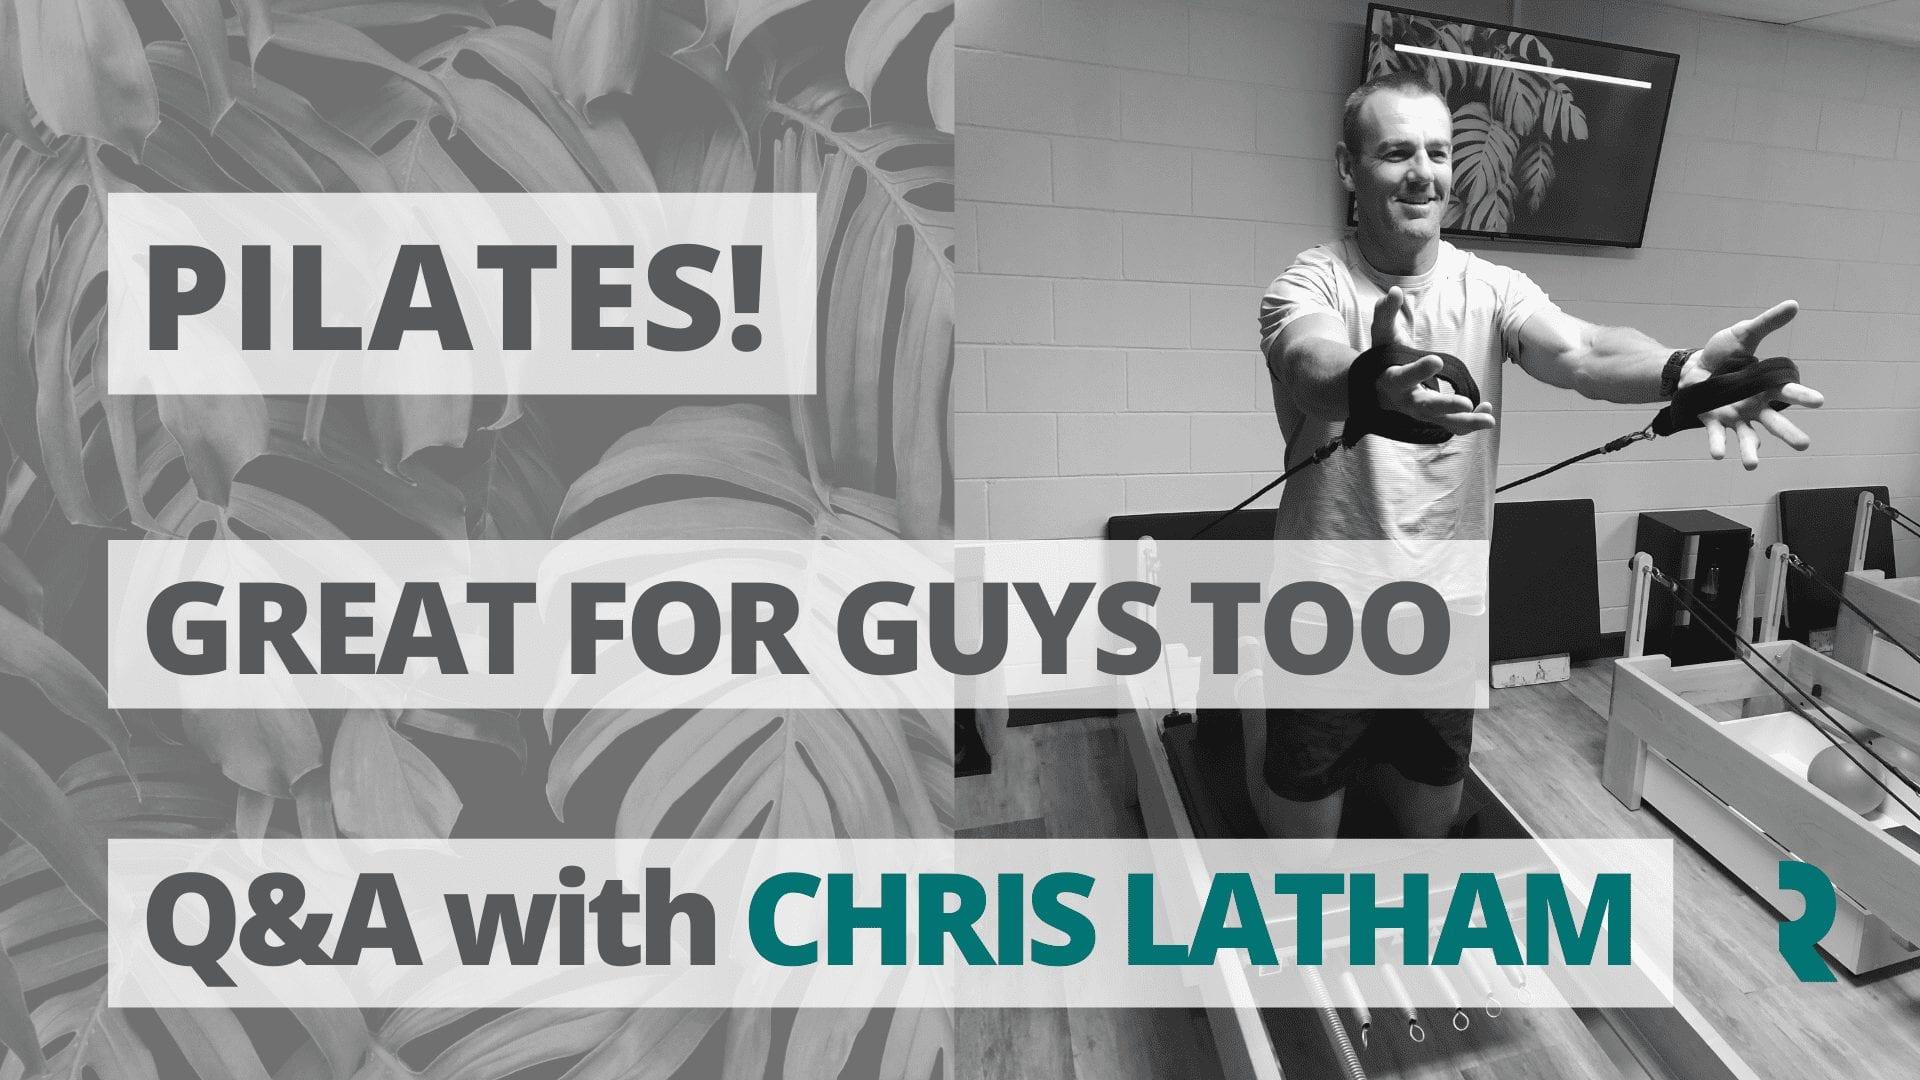 Pilates for guys